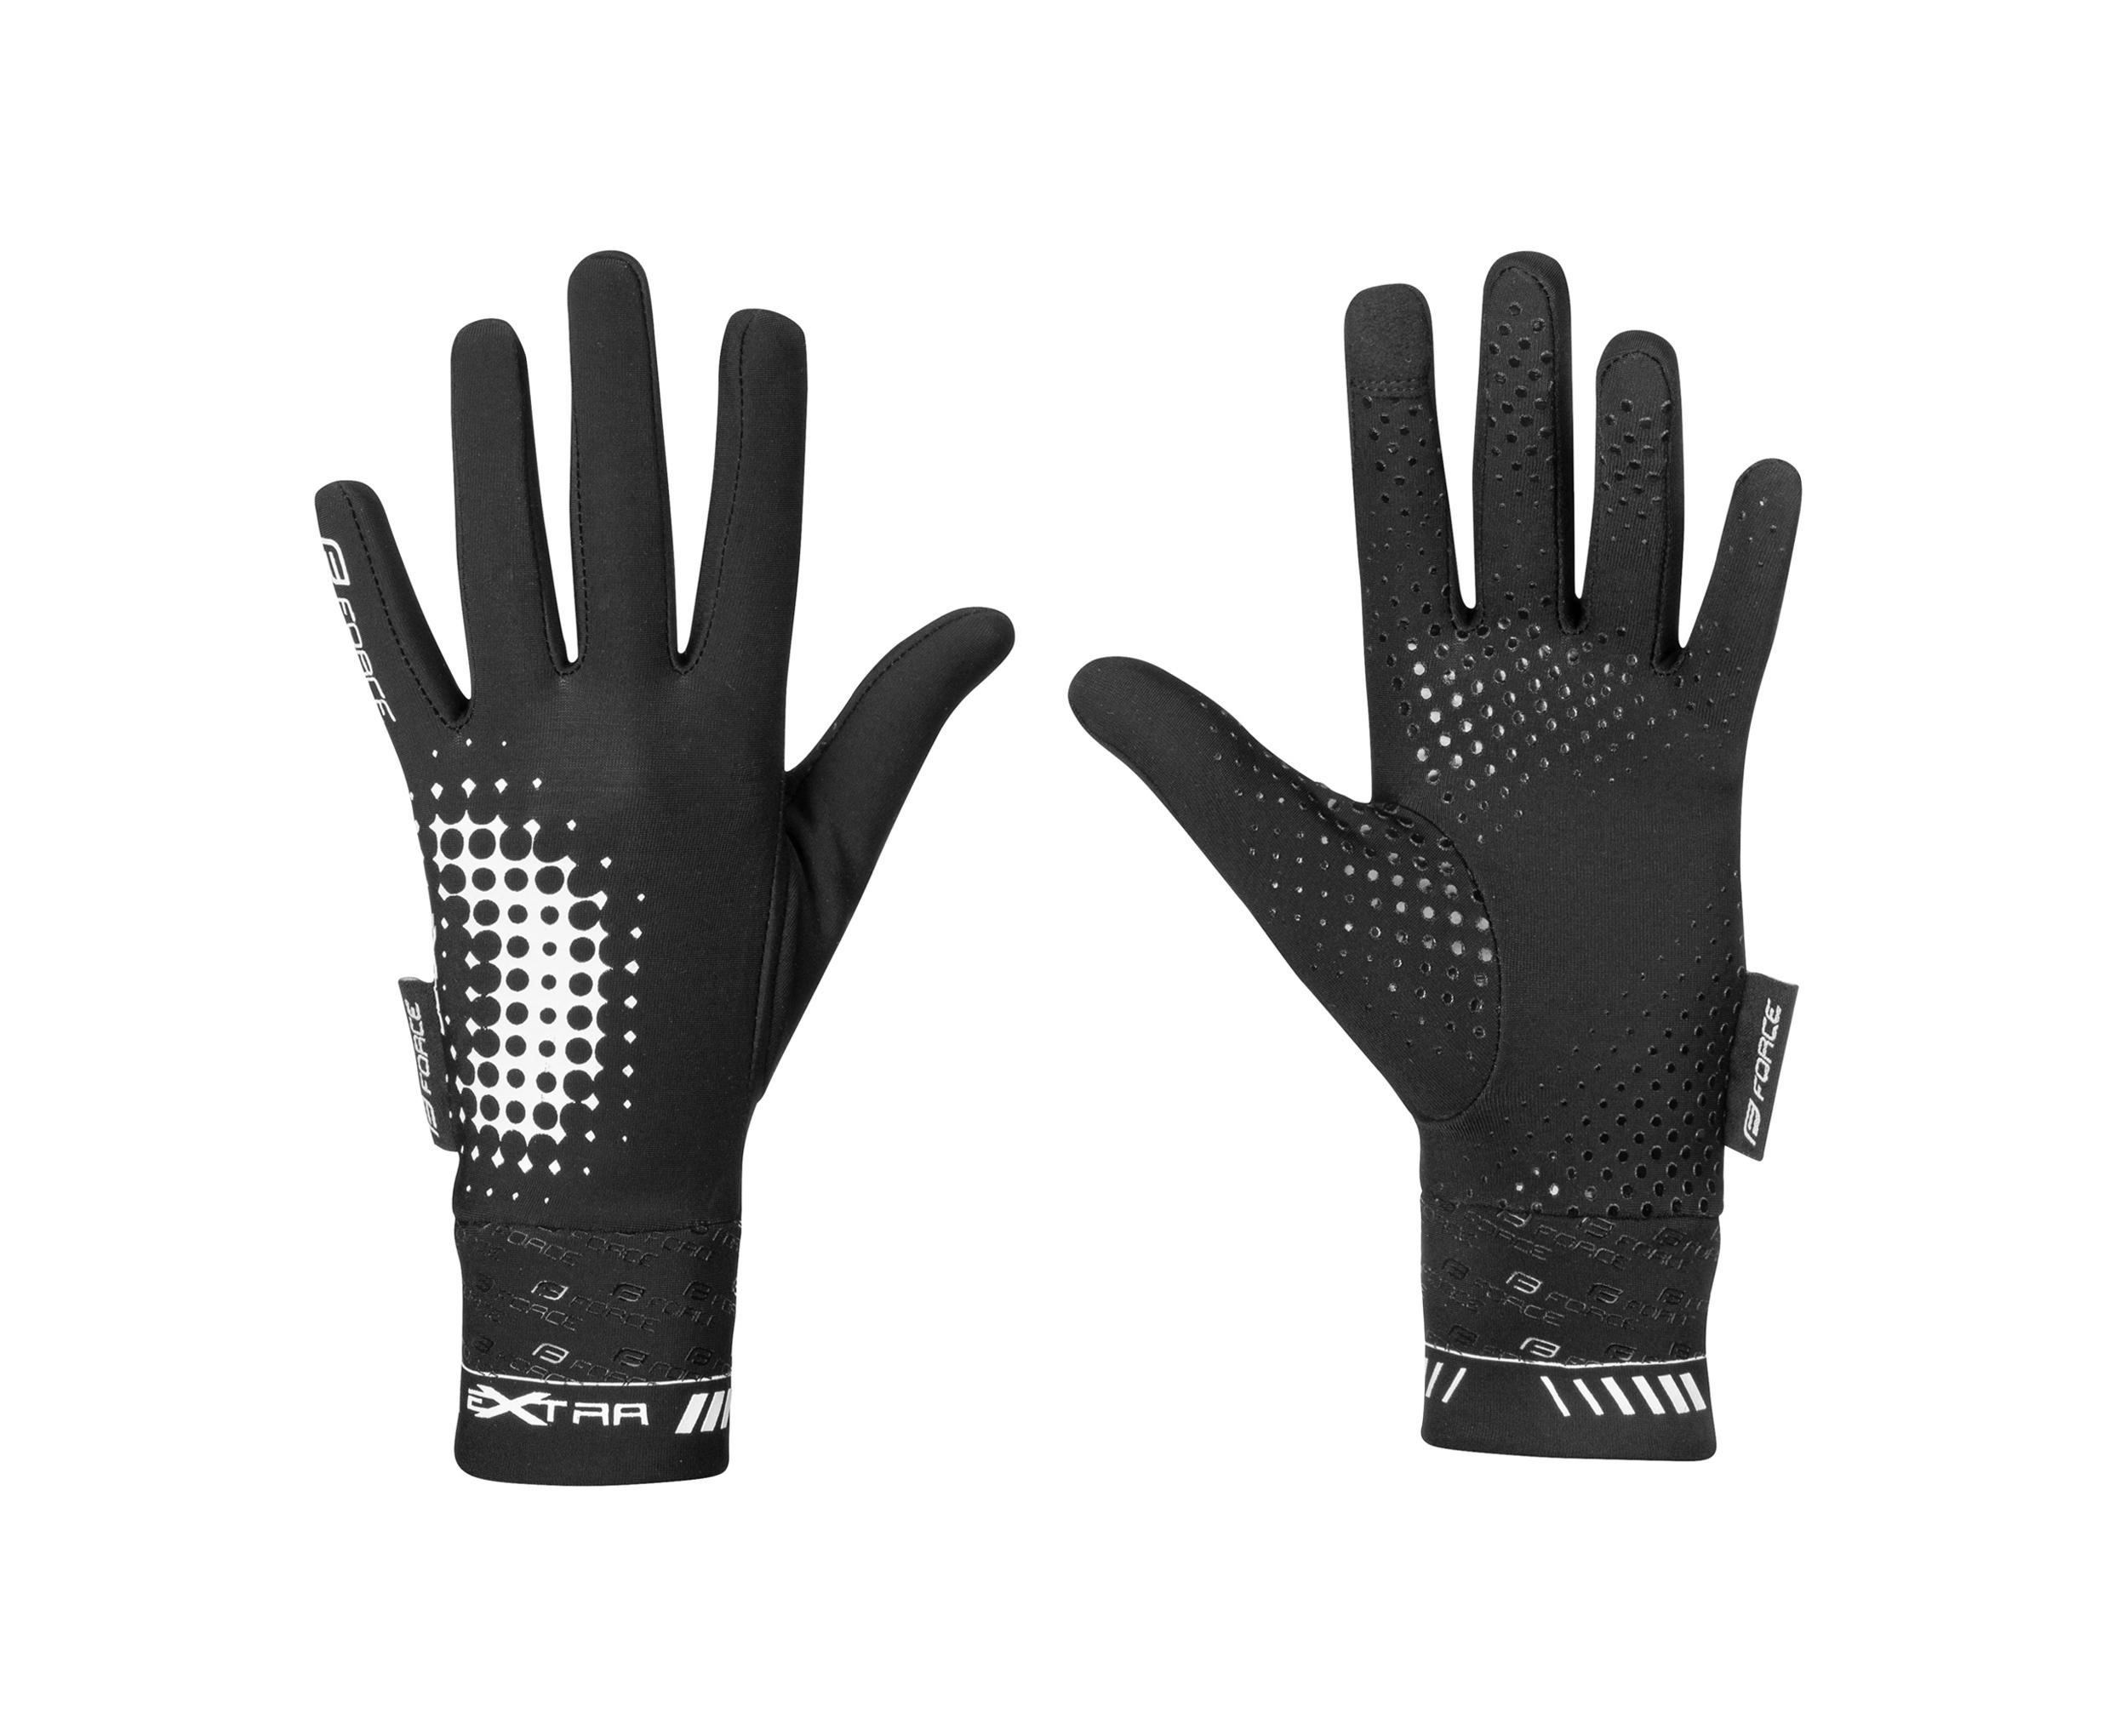 rukavice FORCE KID dětské EXTRA, jaro-podzim, černé XL